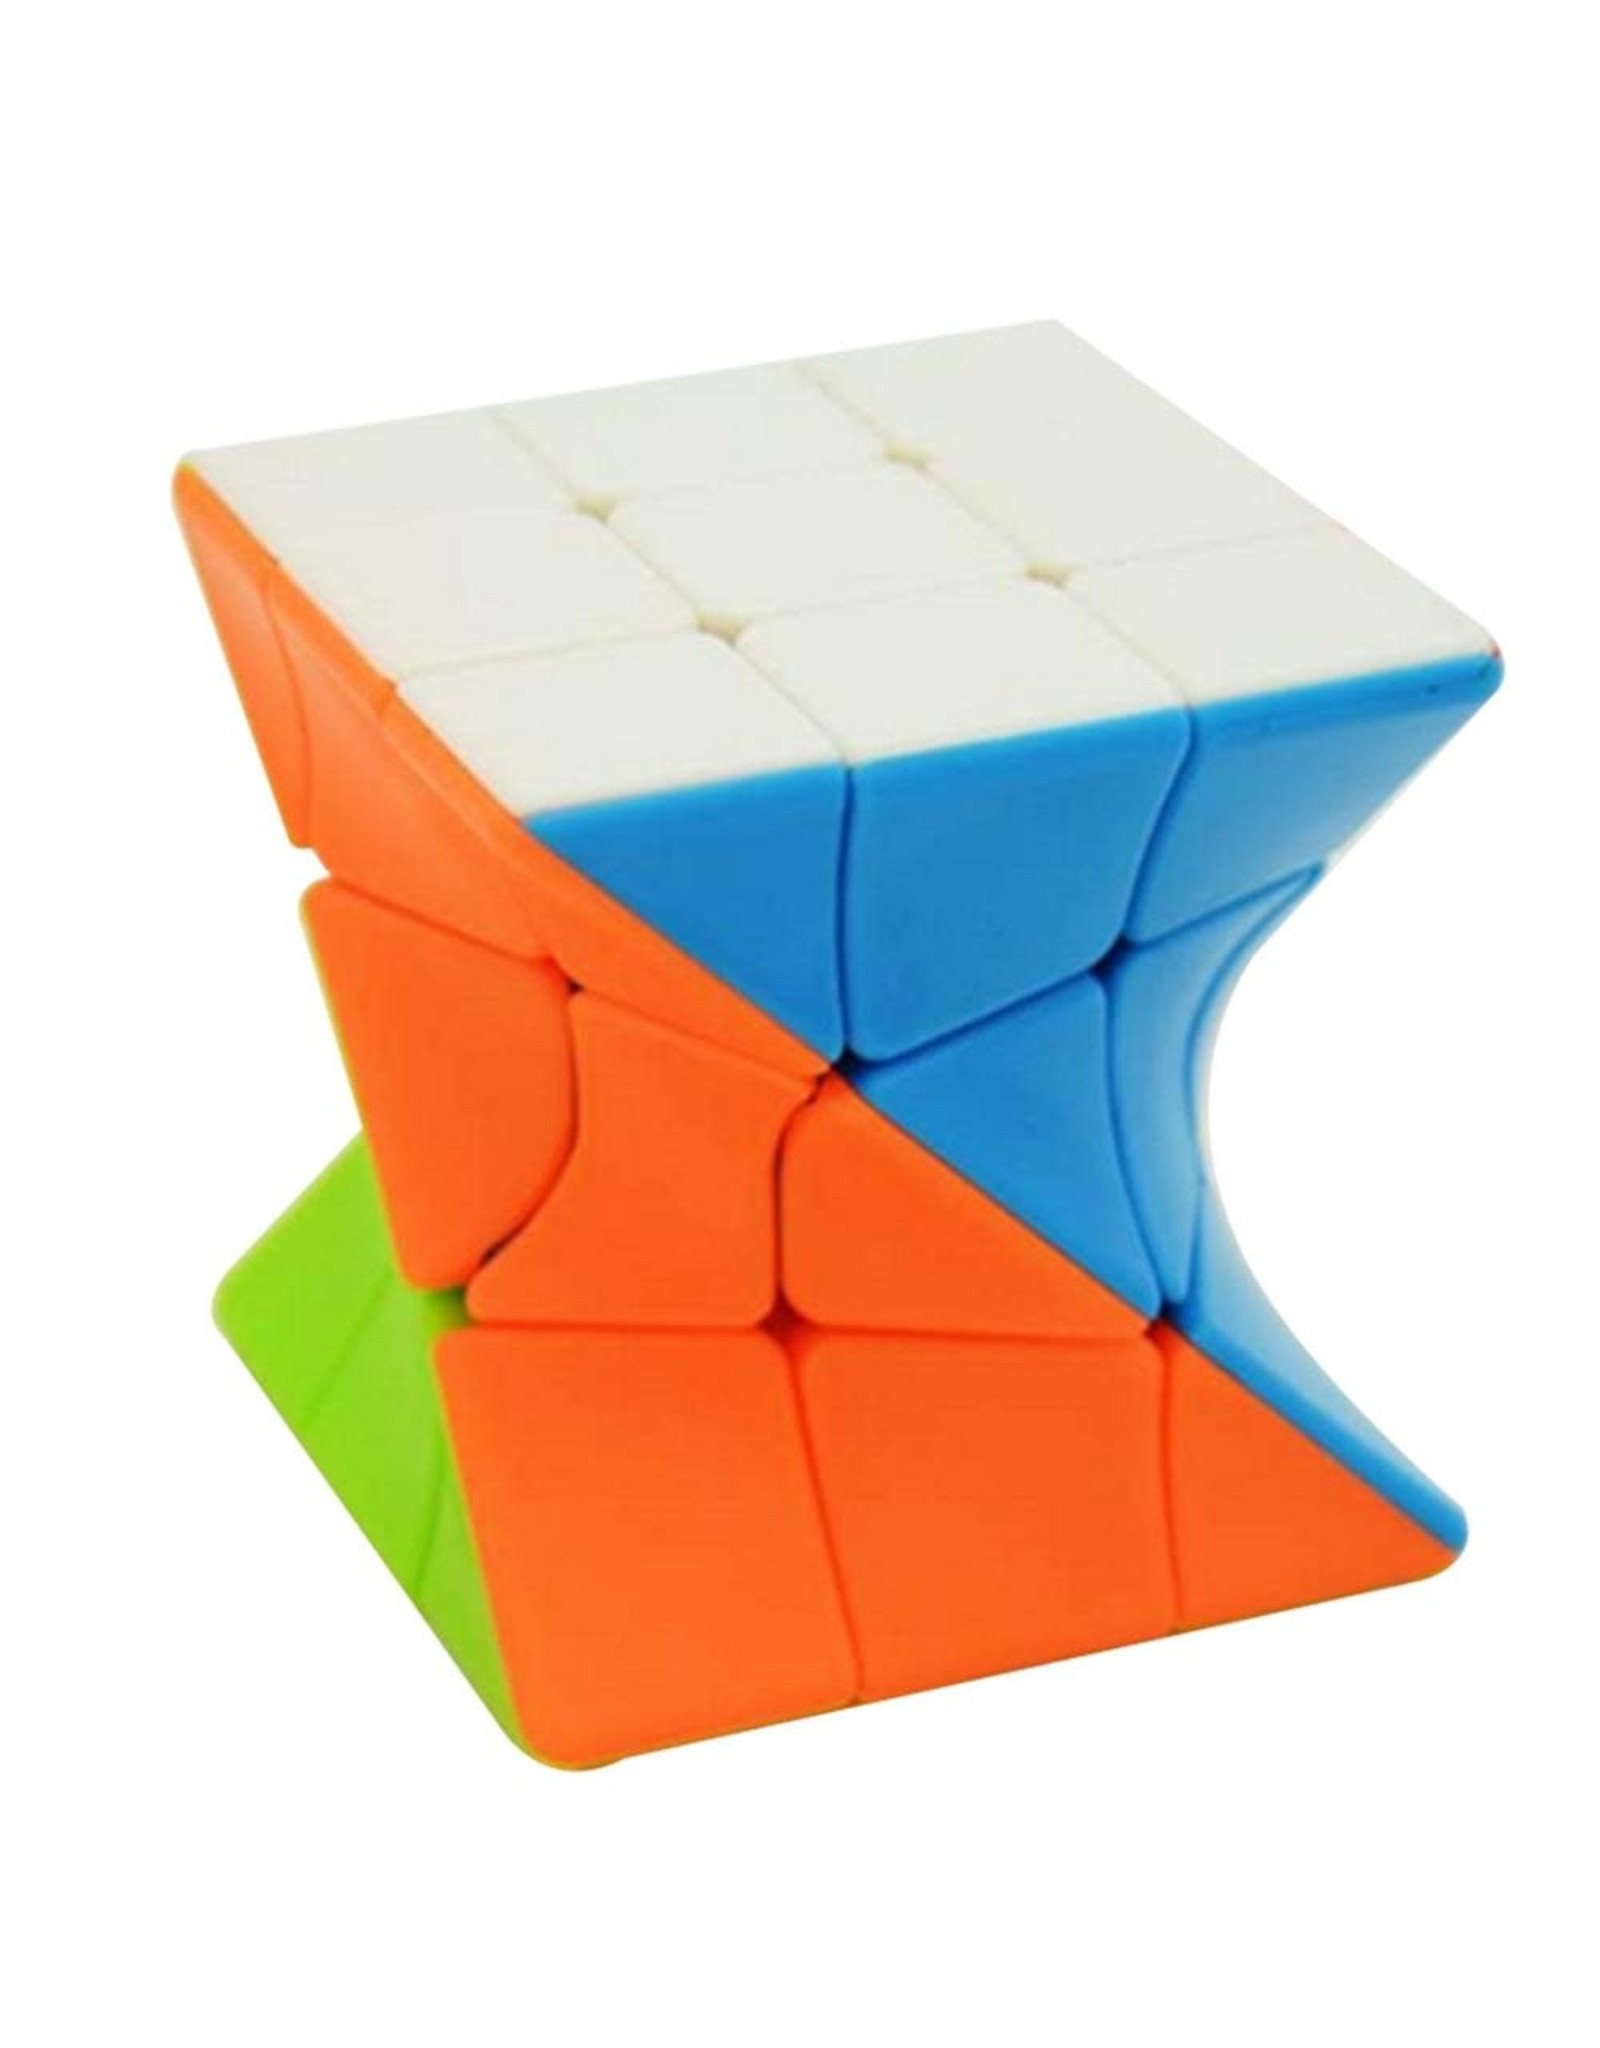 SpeedCubeShop Twist Cube (SpeedCubeShop)